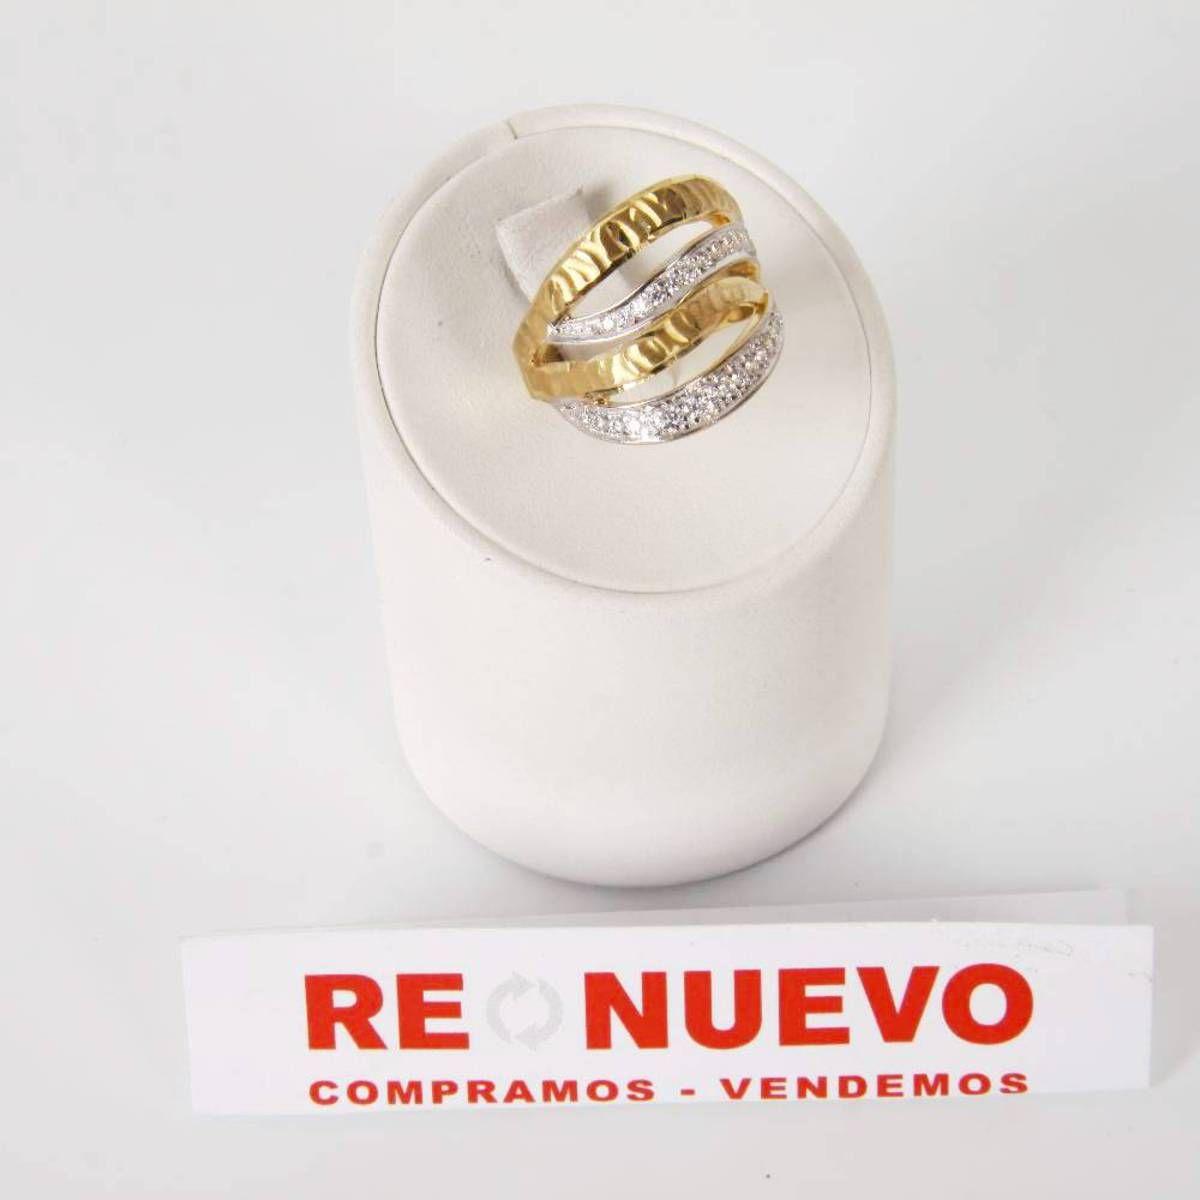 3Anillo de oro #bicolor de segunda mano con circonitas E269717C | Tienda online de segunda mano en Barcelona Re-Nuevo #segundamano